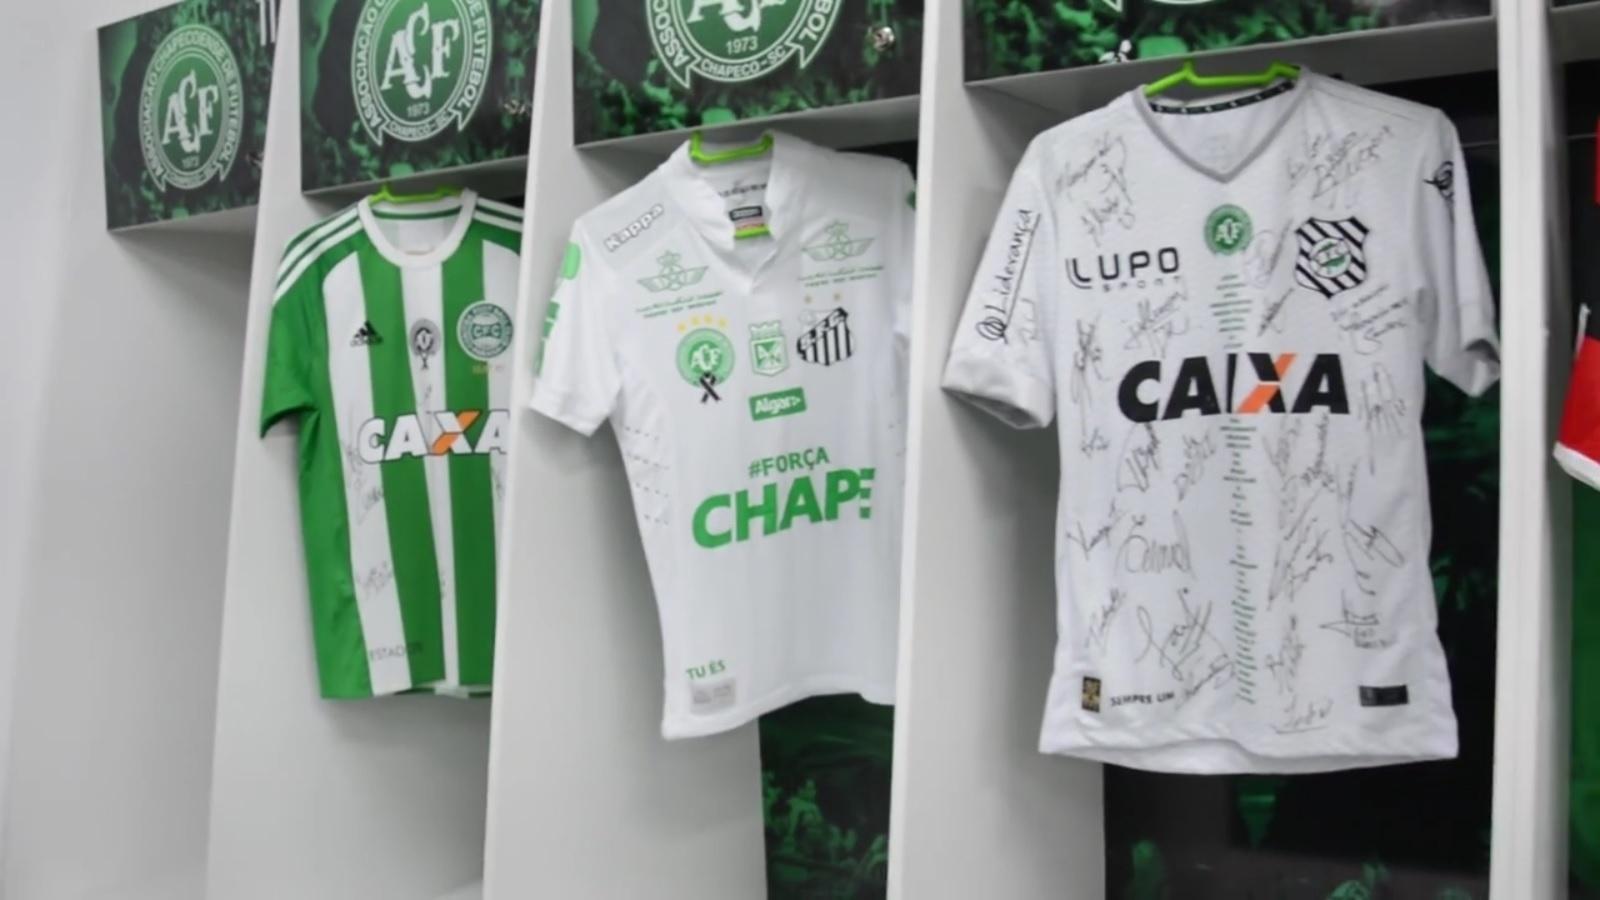 618c470c08 Chapecoense junta camisas de rivais em seu vestiário e agradece apoio -  20/12/2016 - UOL Esporte